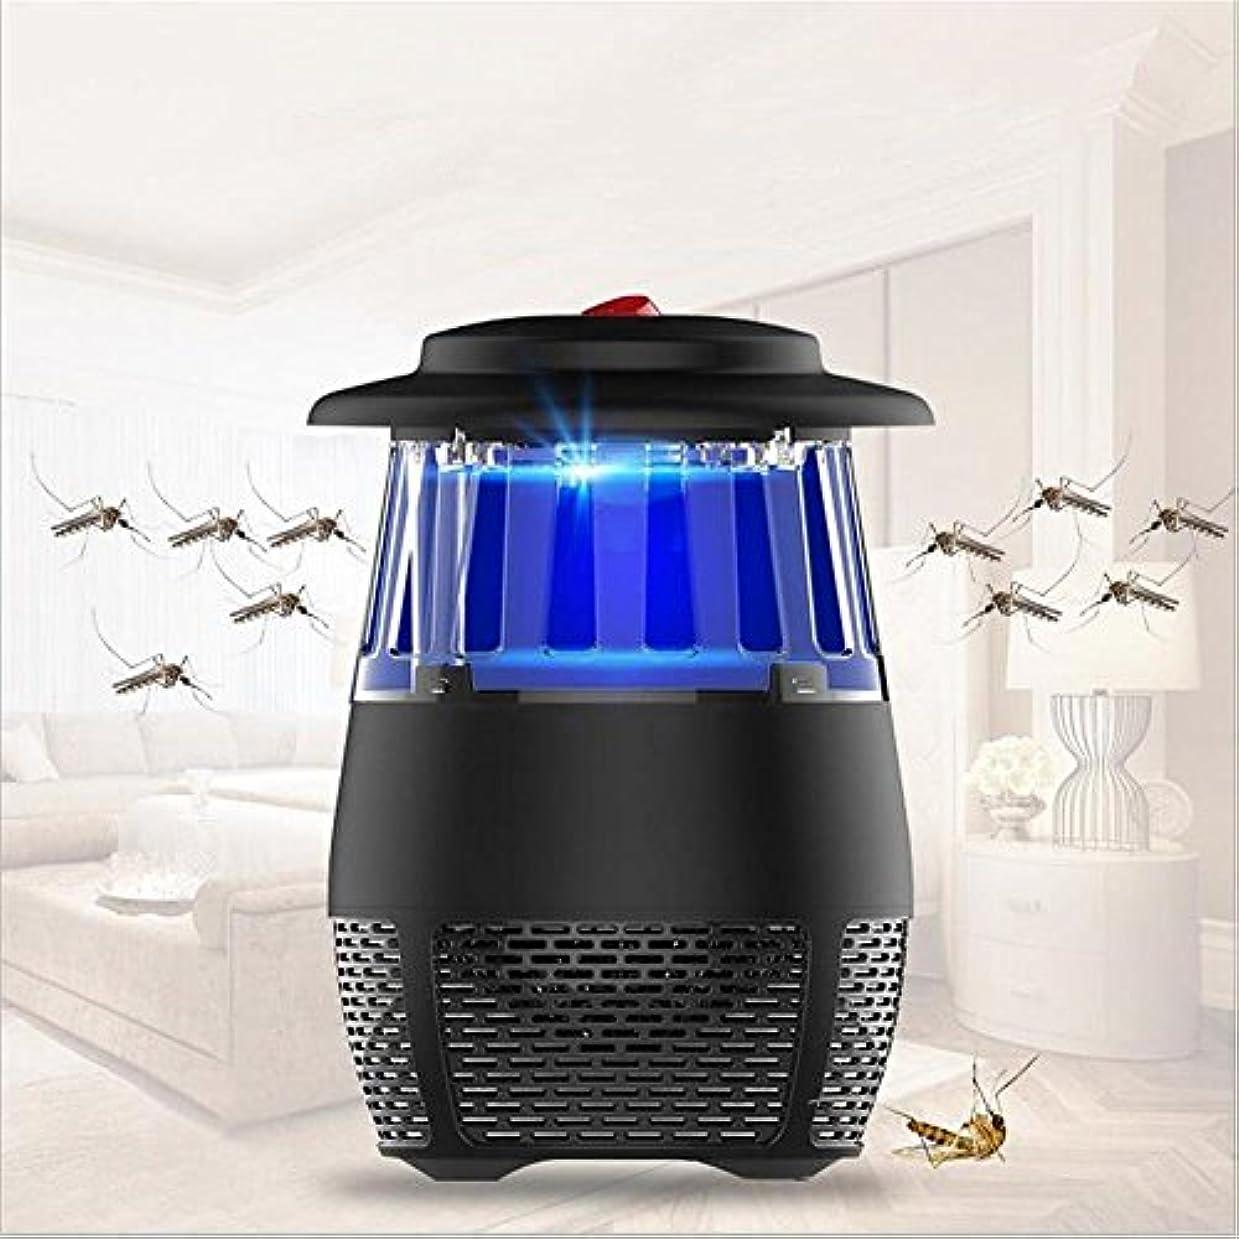 特権タイプスナッチ5ワットusb電子led蚊キラーライトトラップ昆虫殺害ランプ用リビングルーム寝室キッチンナイトライト